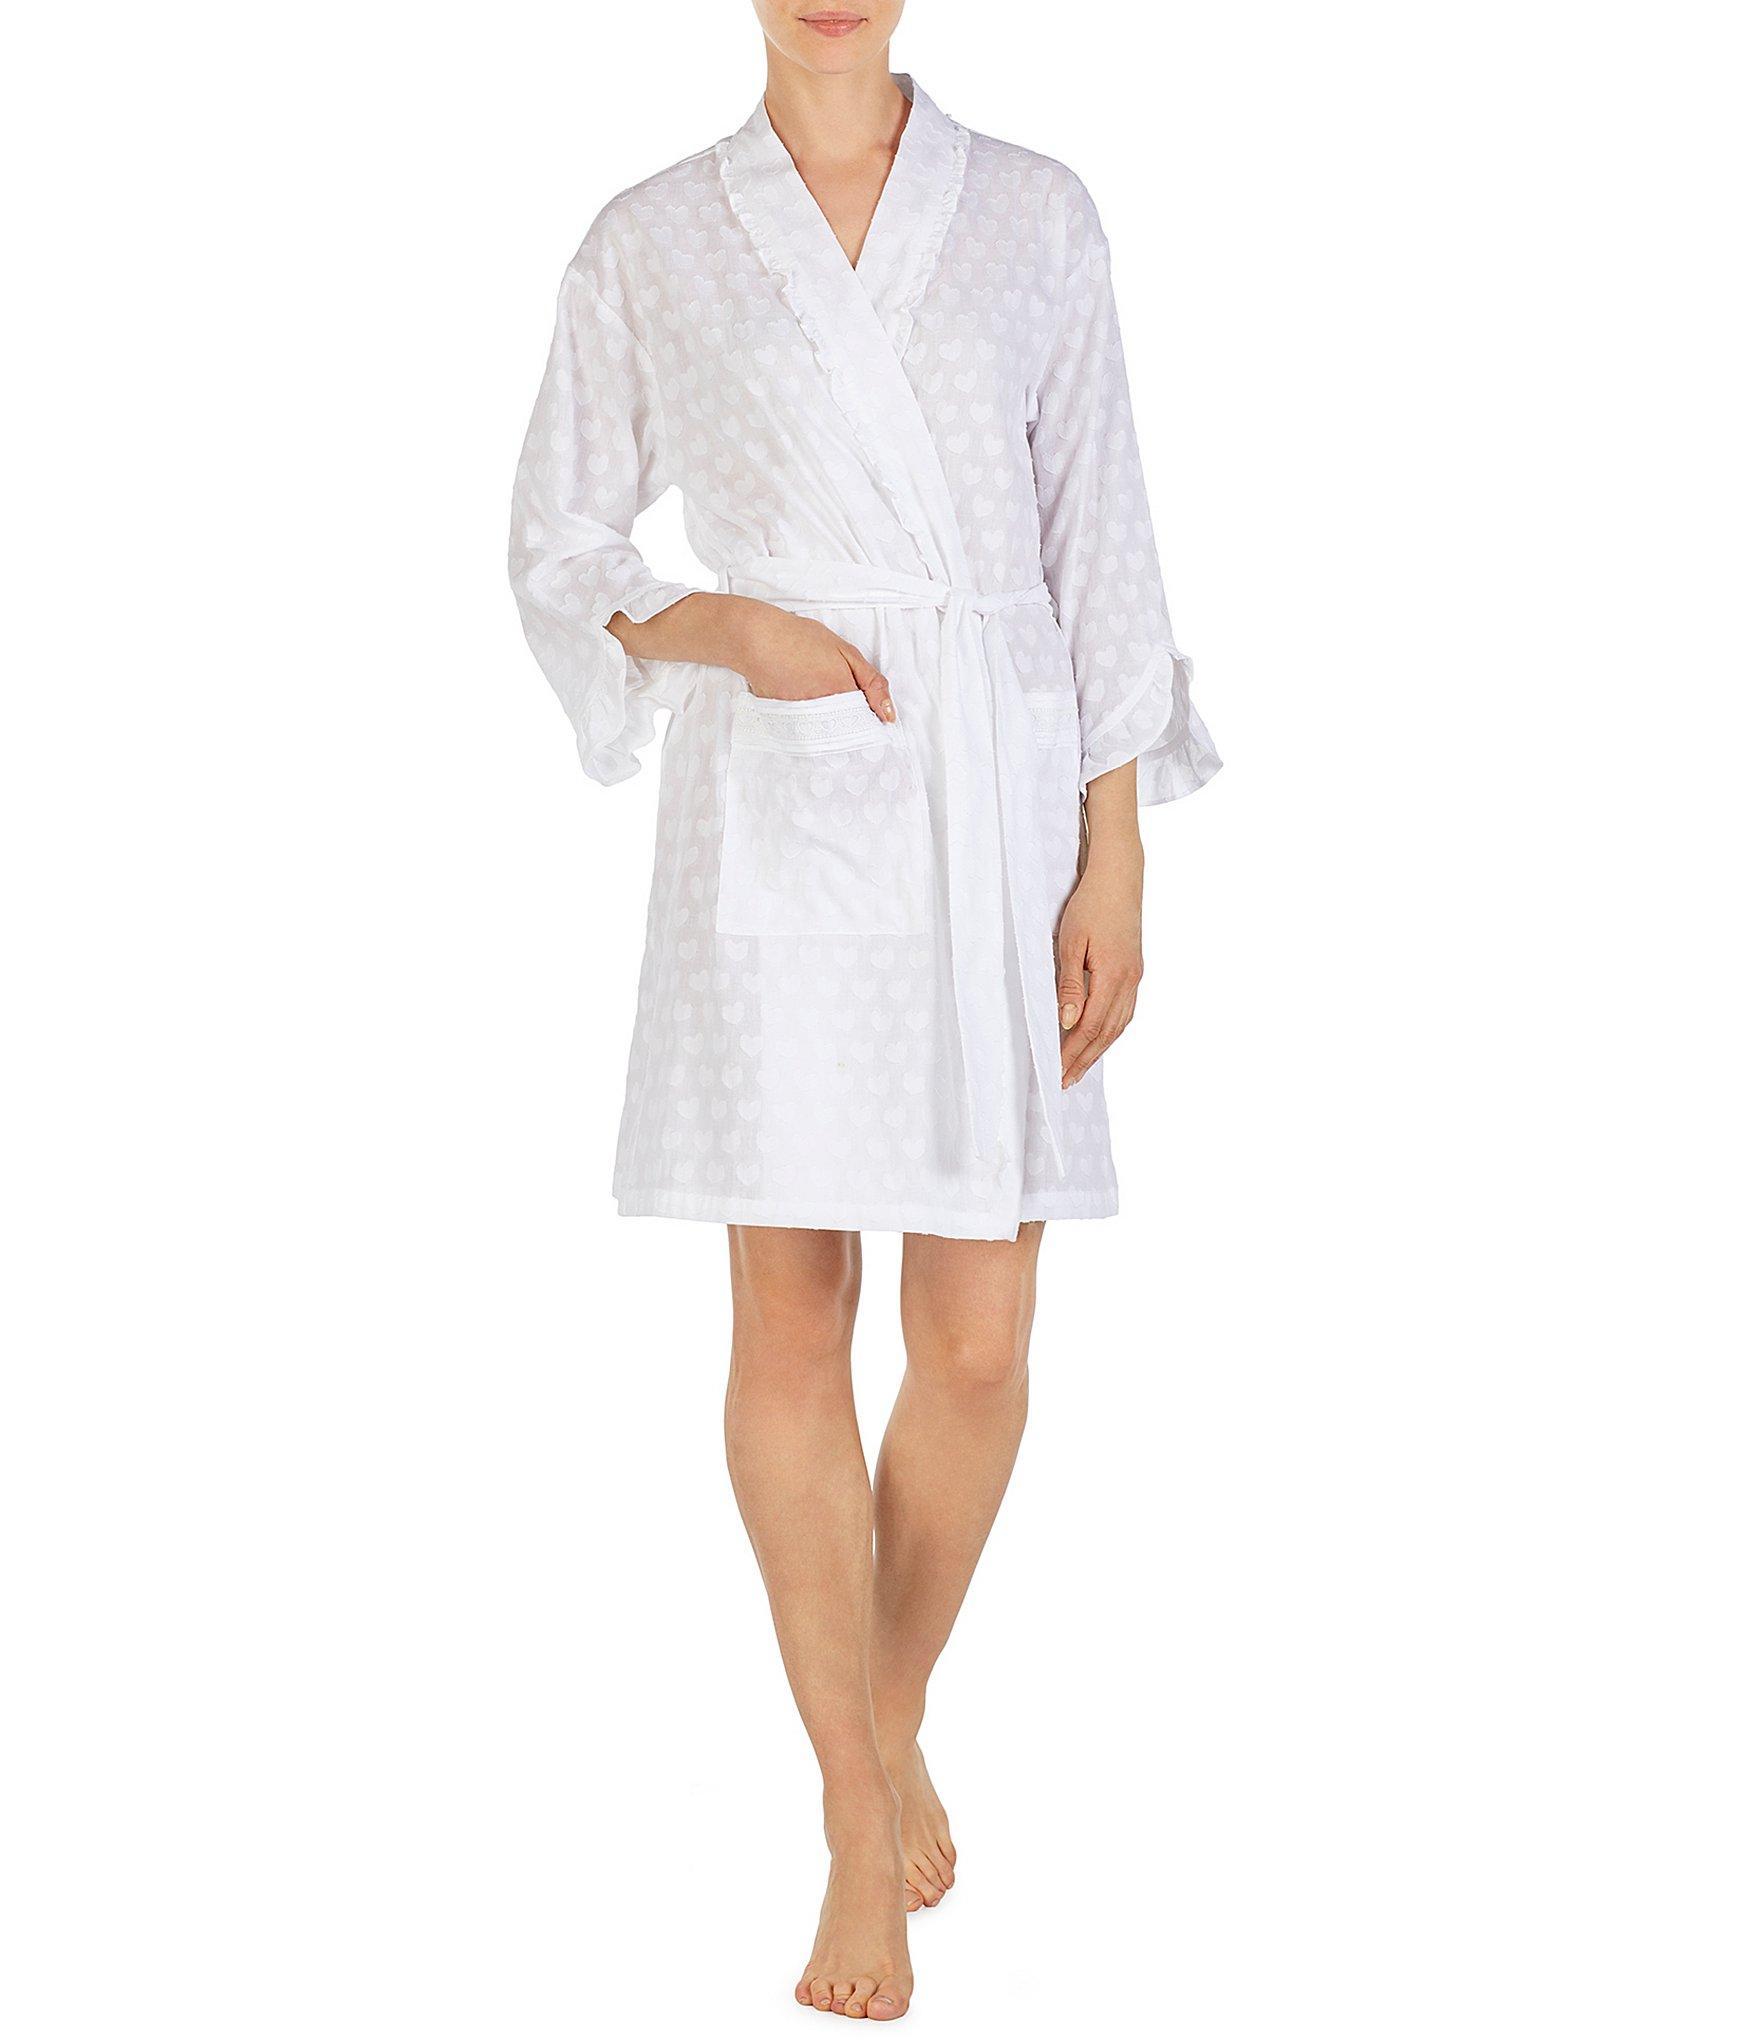 d1883f60e6 Lyst - Eileen West Lawn Heart Print Short Wrap Robe in White